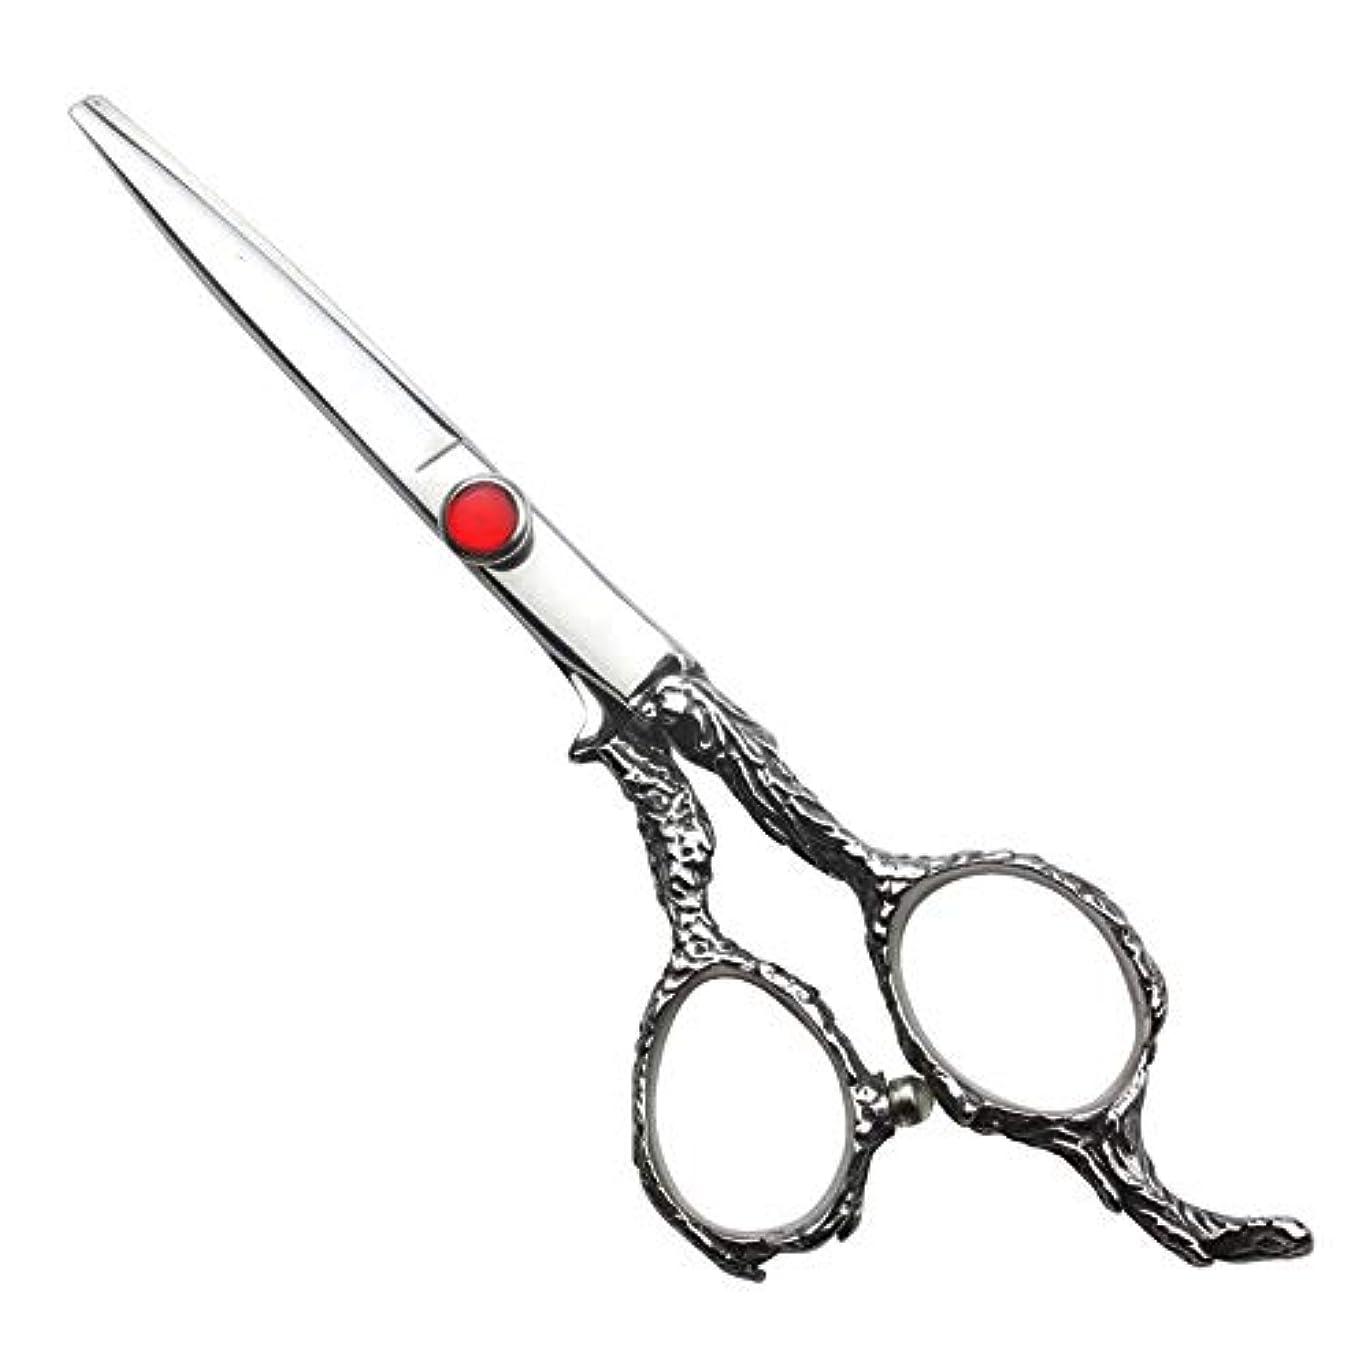 思い出ポーチベアリングサークル6インチ理髪はさみセット、家族の散髪用具セット モデリングツール (色 : Silver)